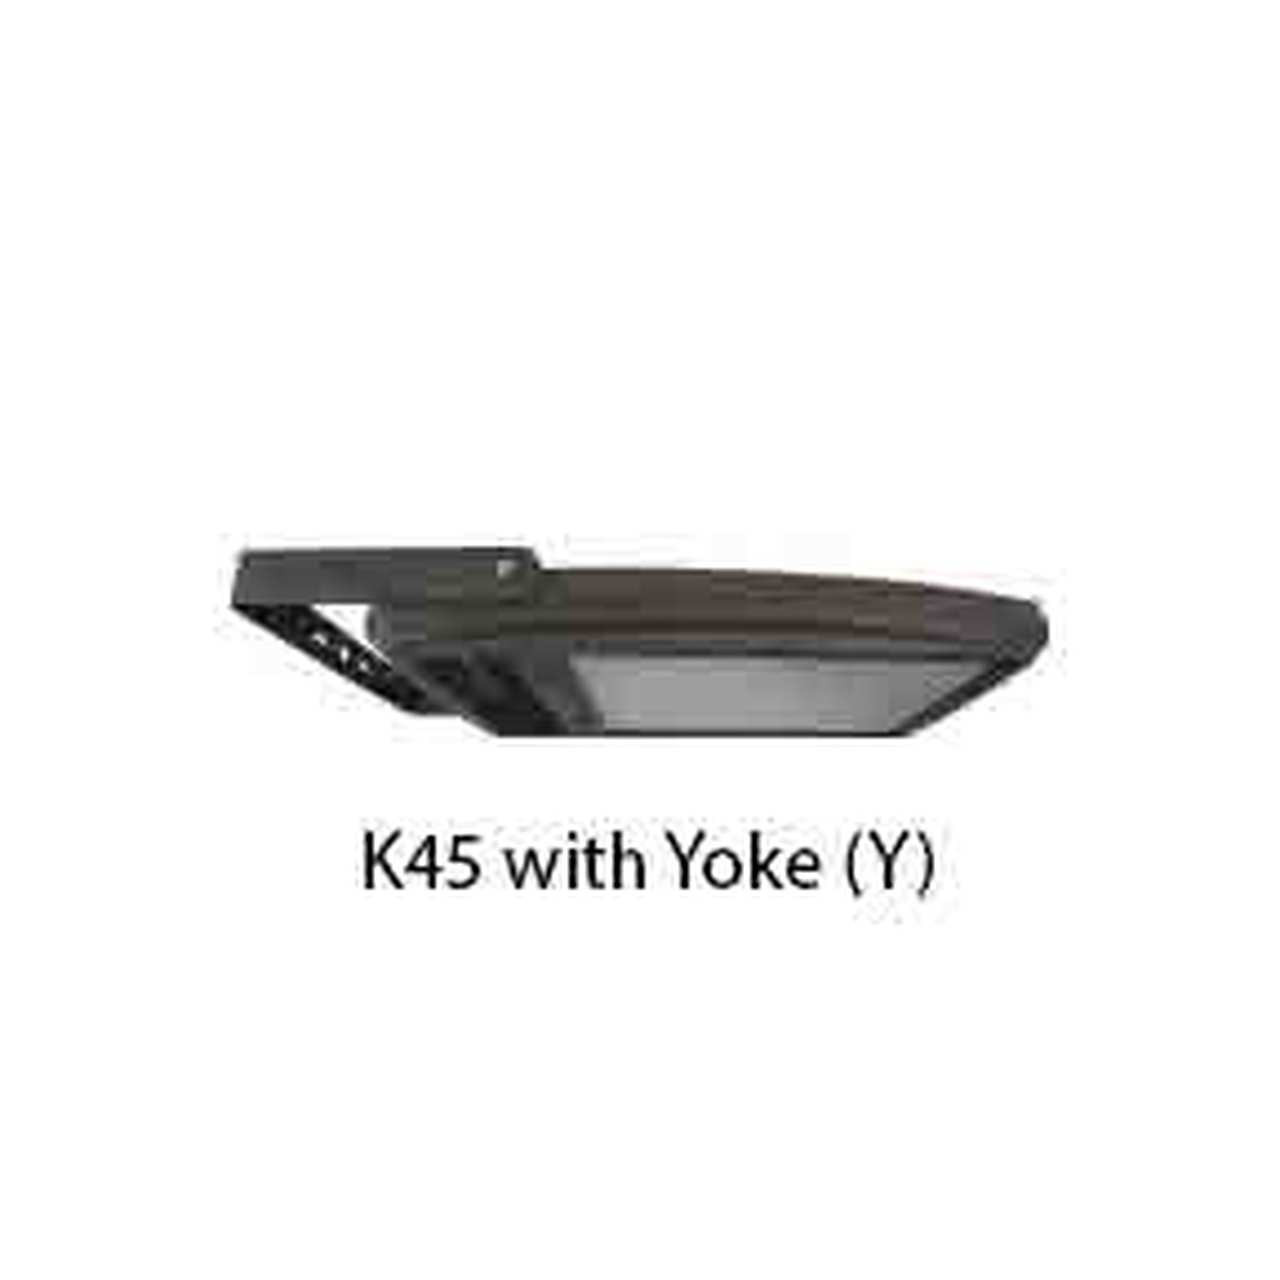 K45 with Yoke (Y)